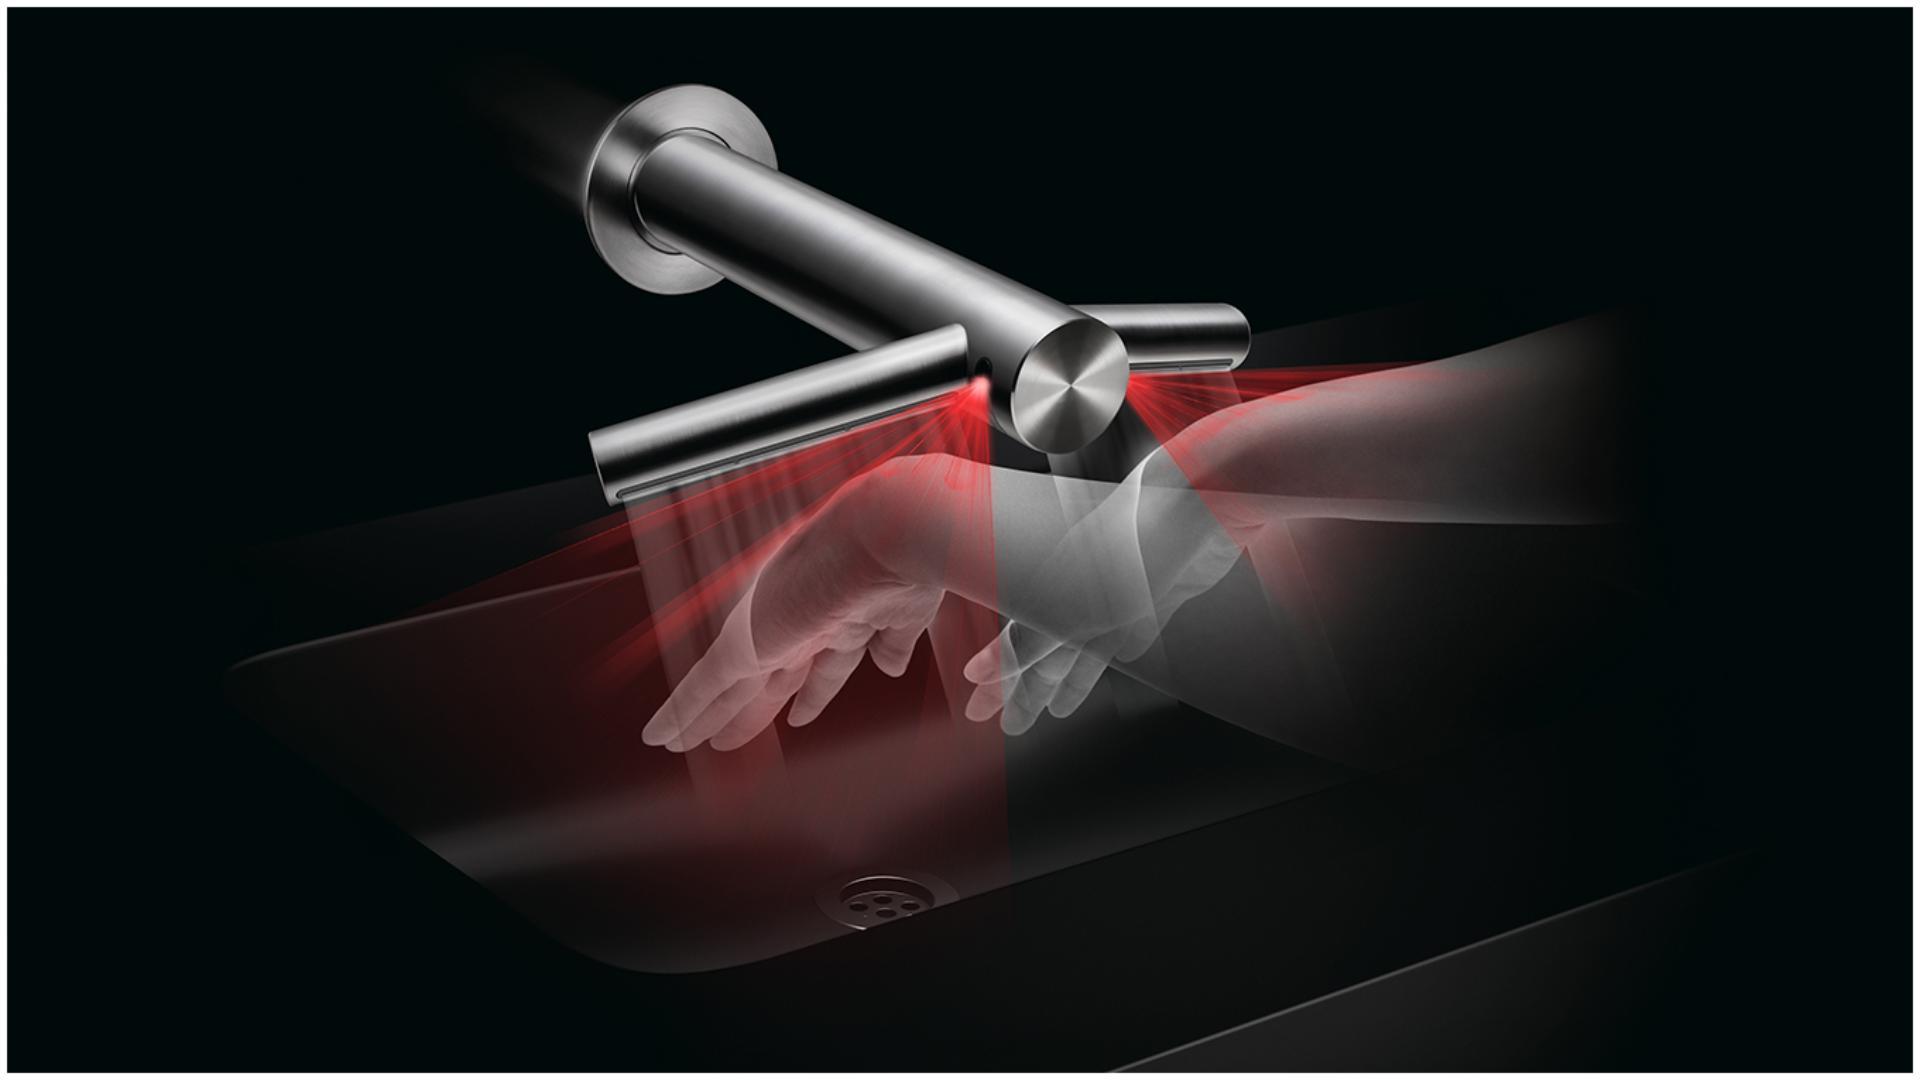 เทคโนโลยีเซ็นเซอร์ในเครื่องเป่ามือรุ่น Airblade Wash+Dry